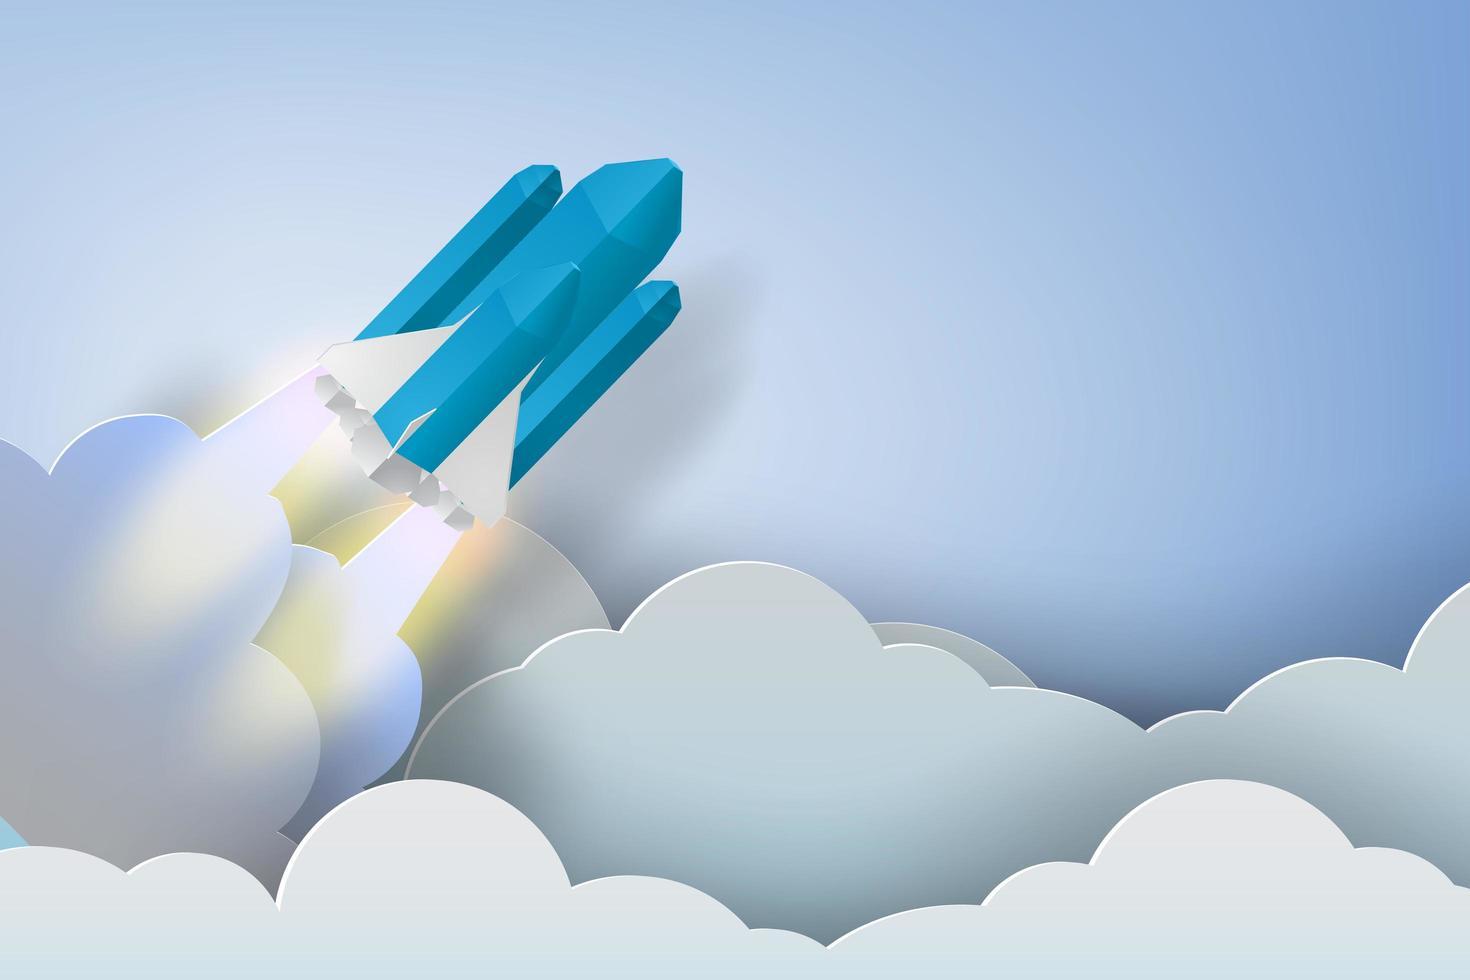 raket vliegen door wolken ontwerp voor een papieren kunst vector